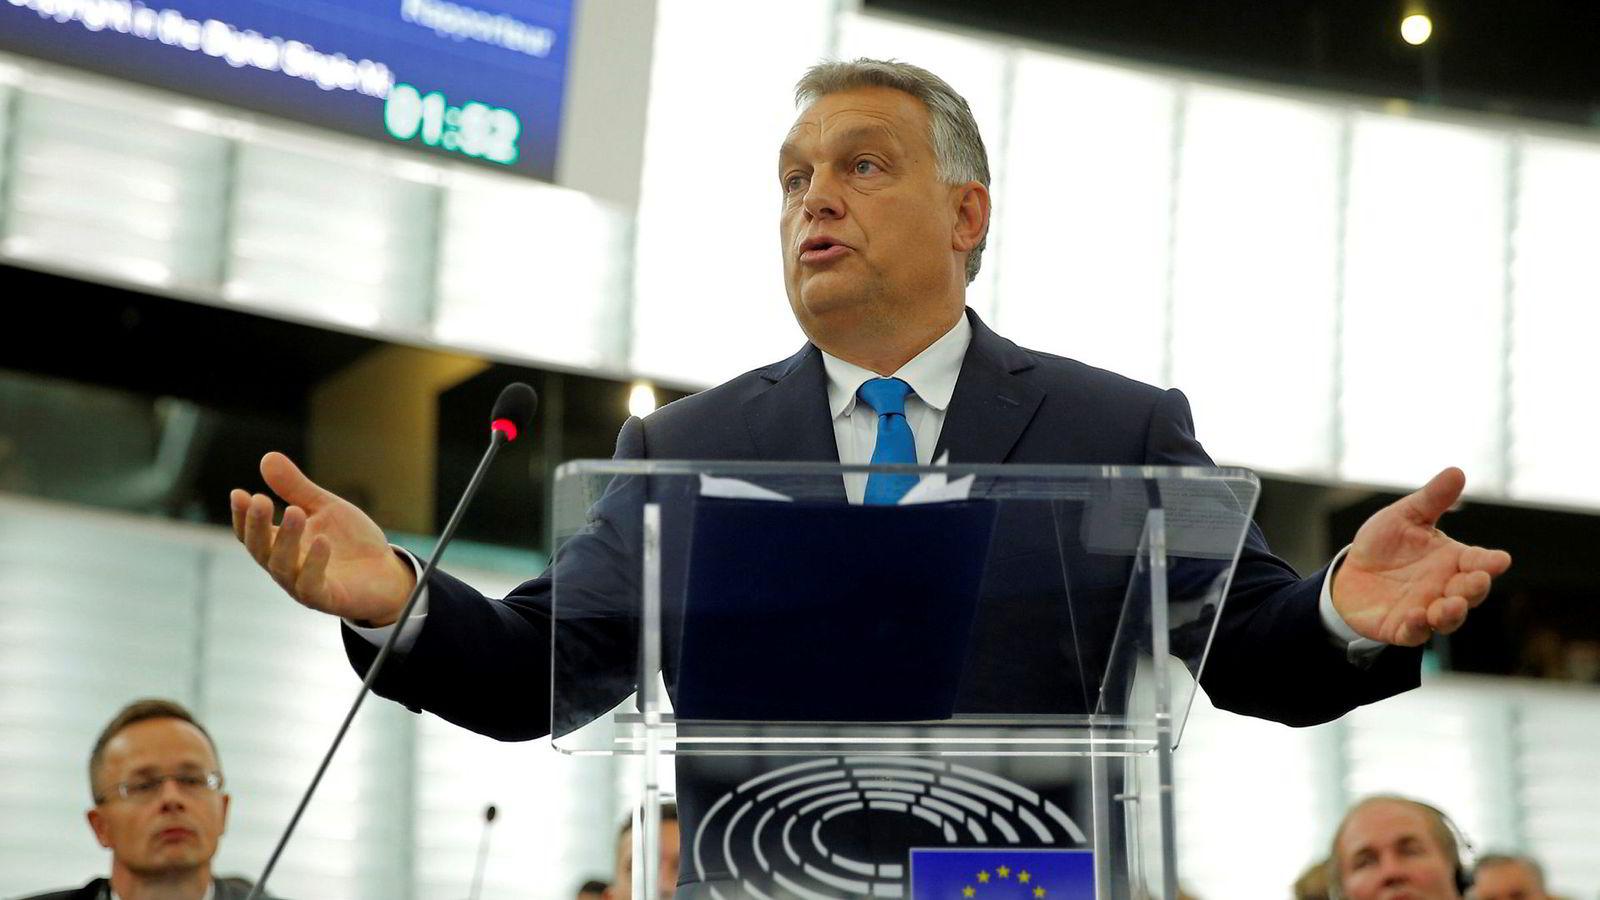 Ungarns statsminister Viktor Orbán nekter for at hans regjering har gjort noe galt. Han møtte ikke gehør hos EU-parlamentarikerne i Strasbourg.